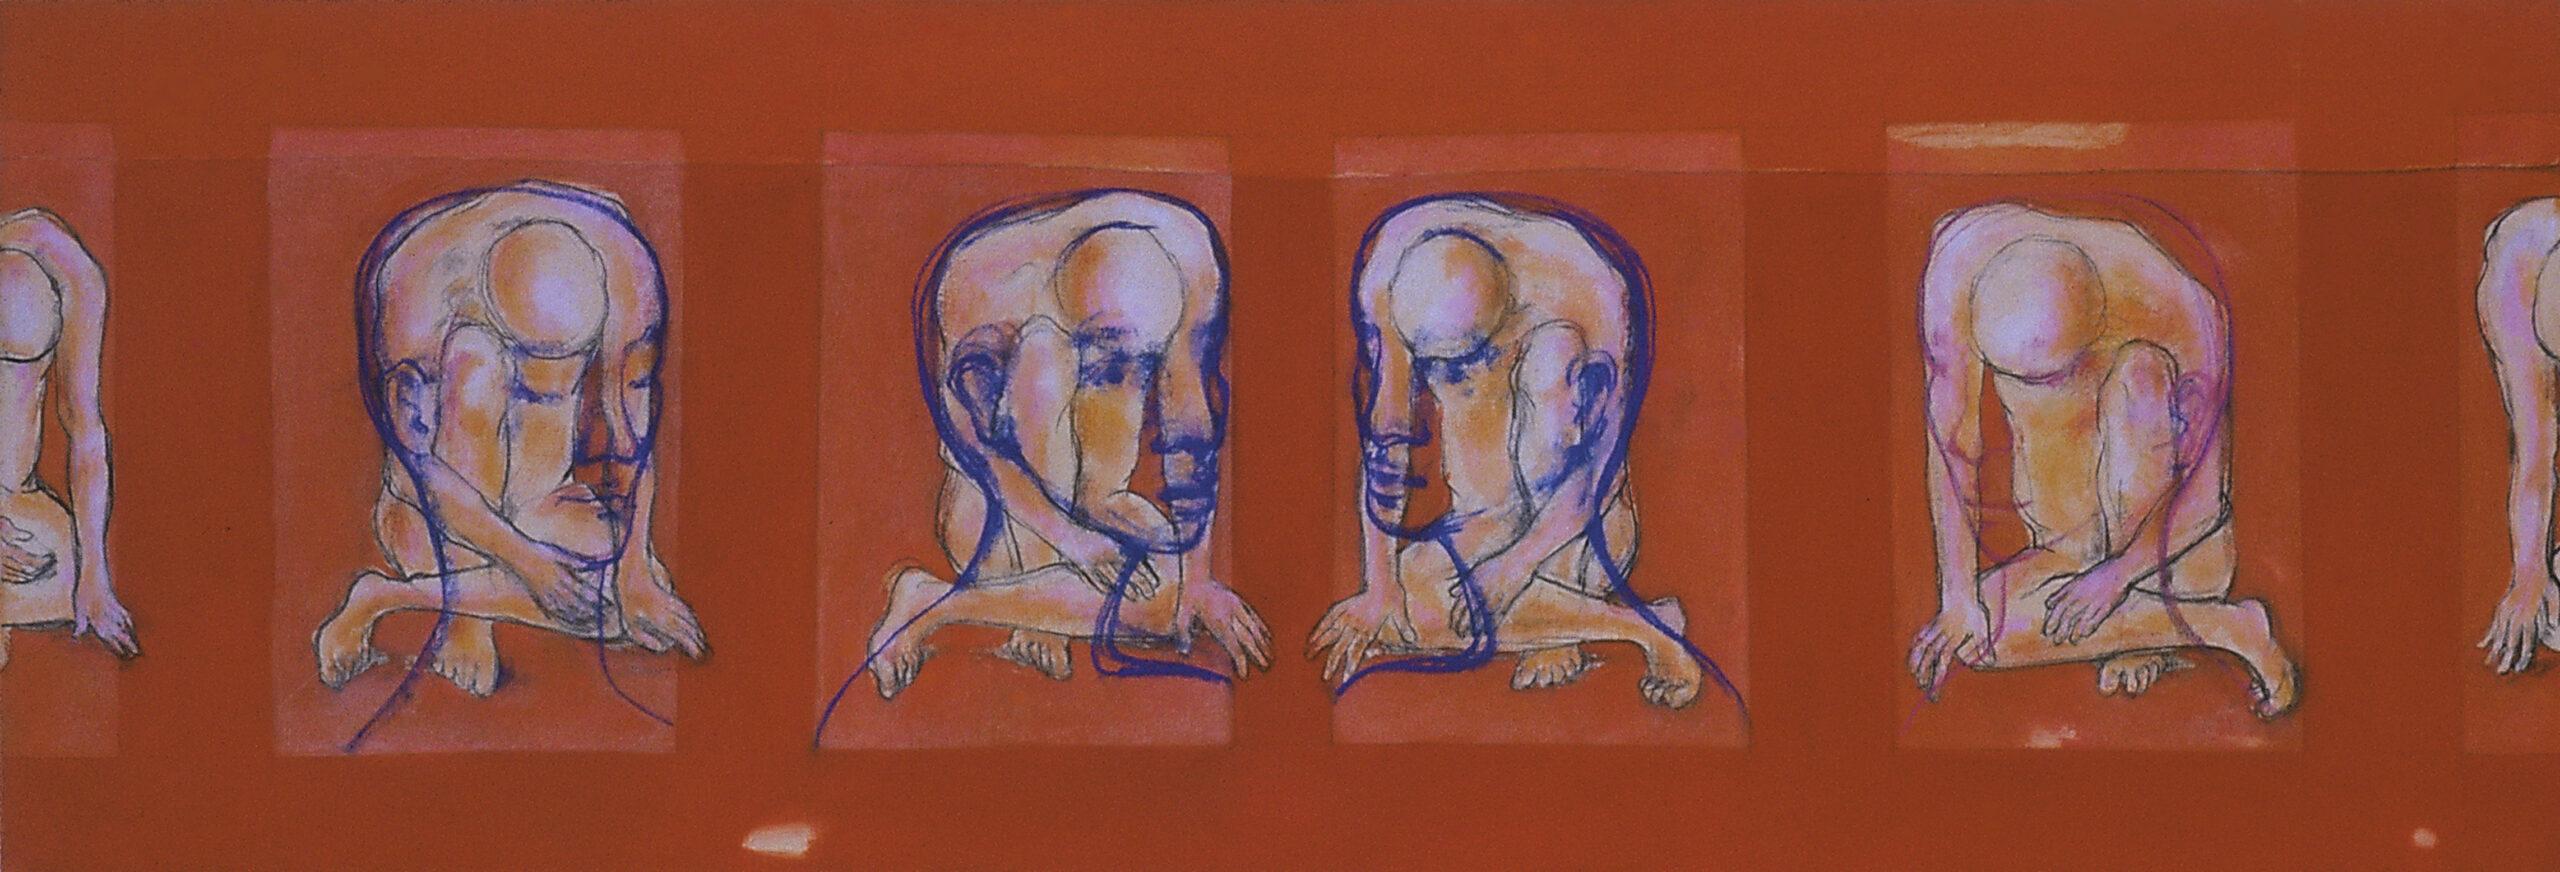 time loss-penelope-kouvara-painting-5